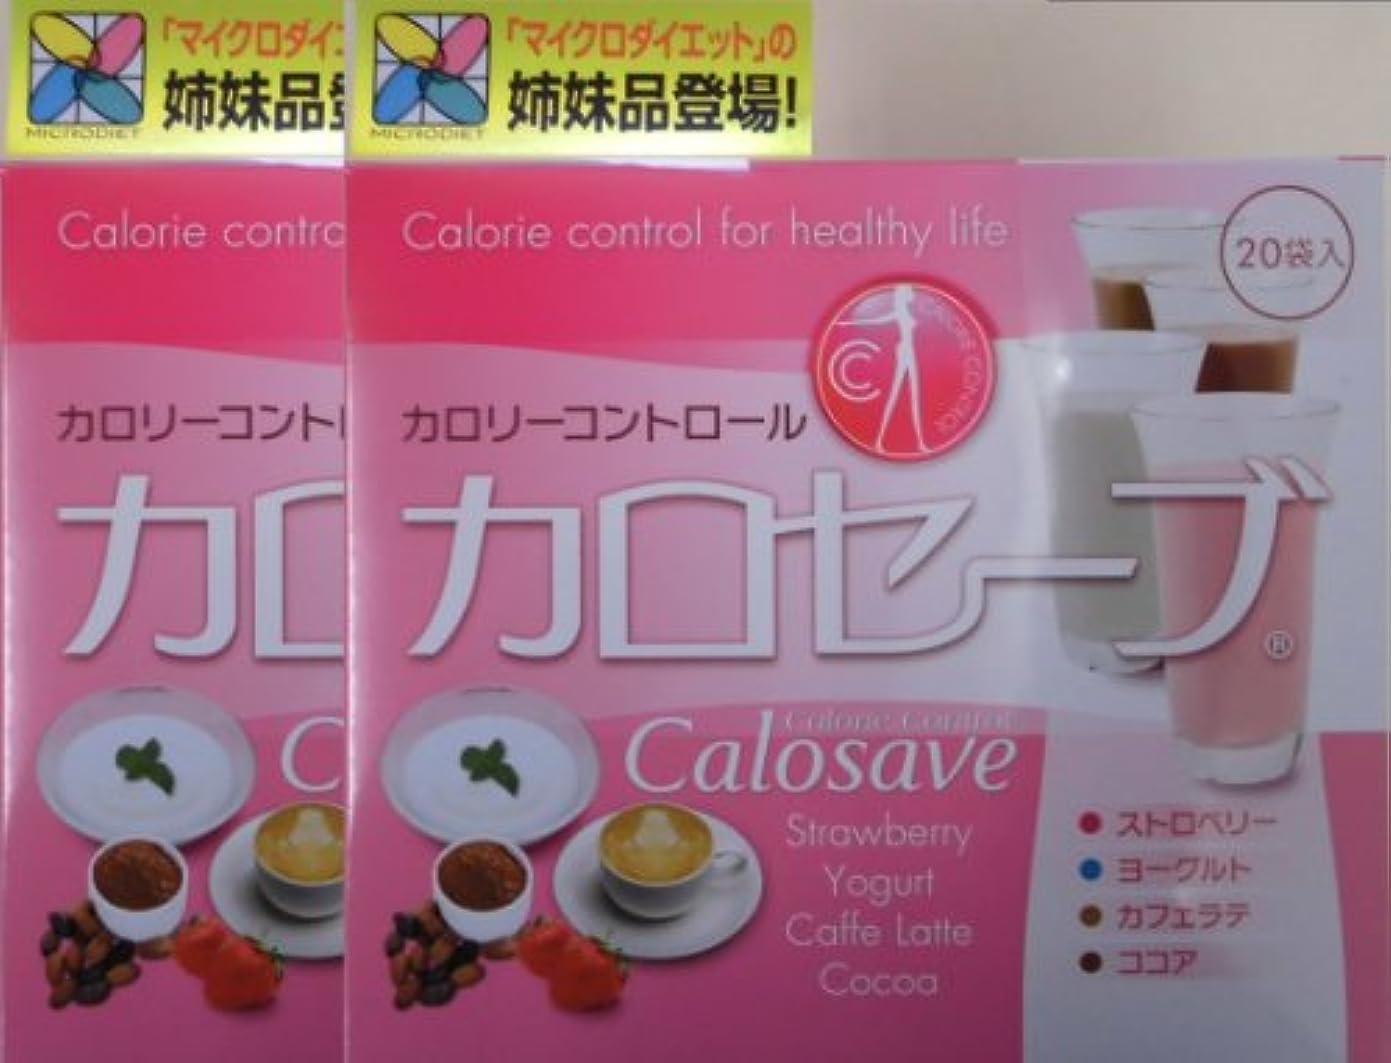 通行人受粉する受粉者カロセーブ 20袋×2個セット マイクロダイエットの姉妹品登場!